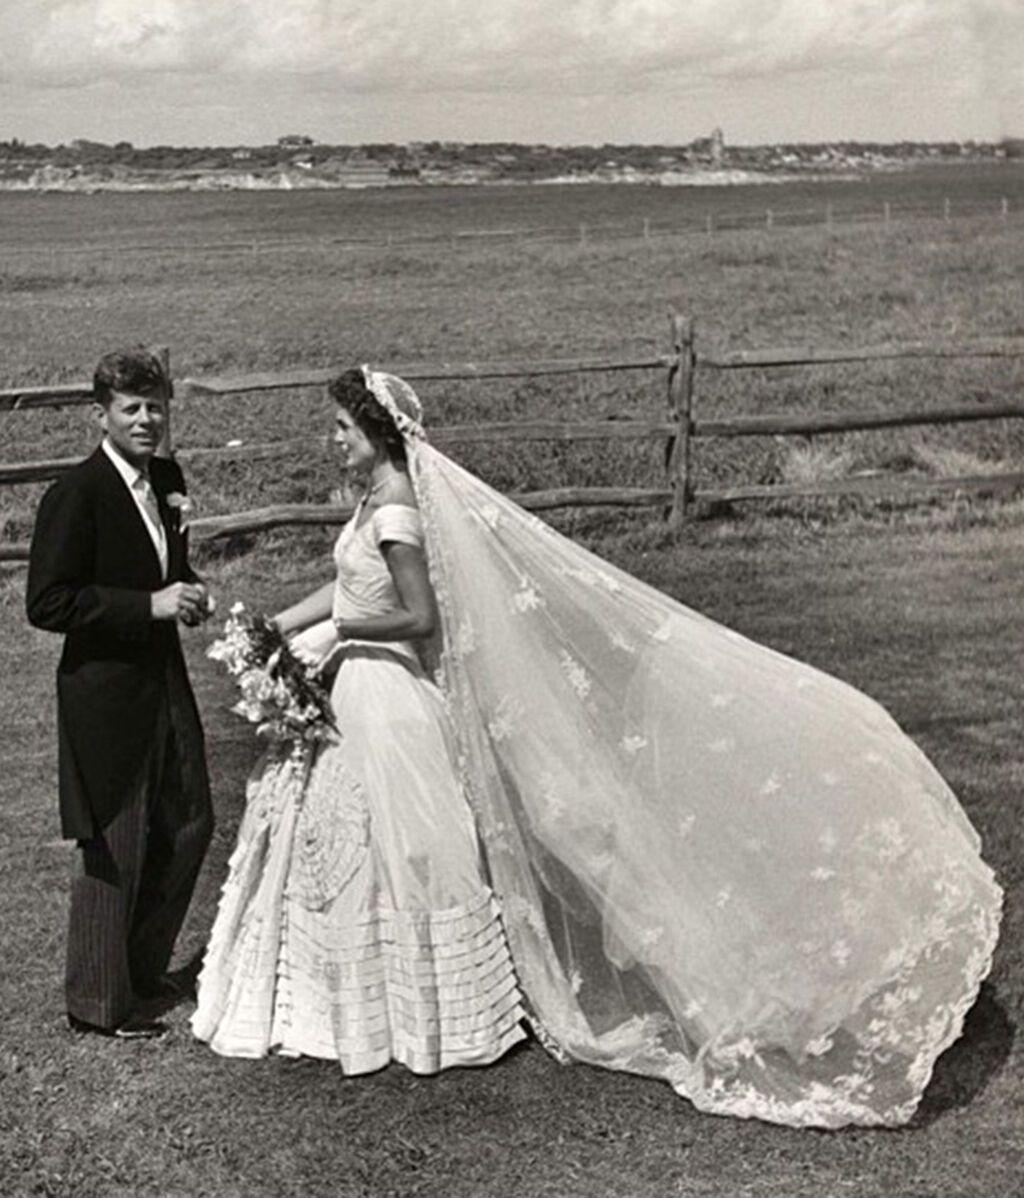 El vestido de novia en su boda con JFK